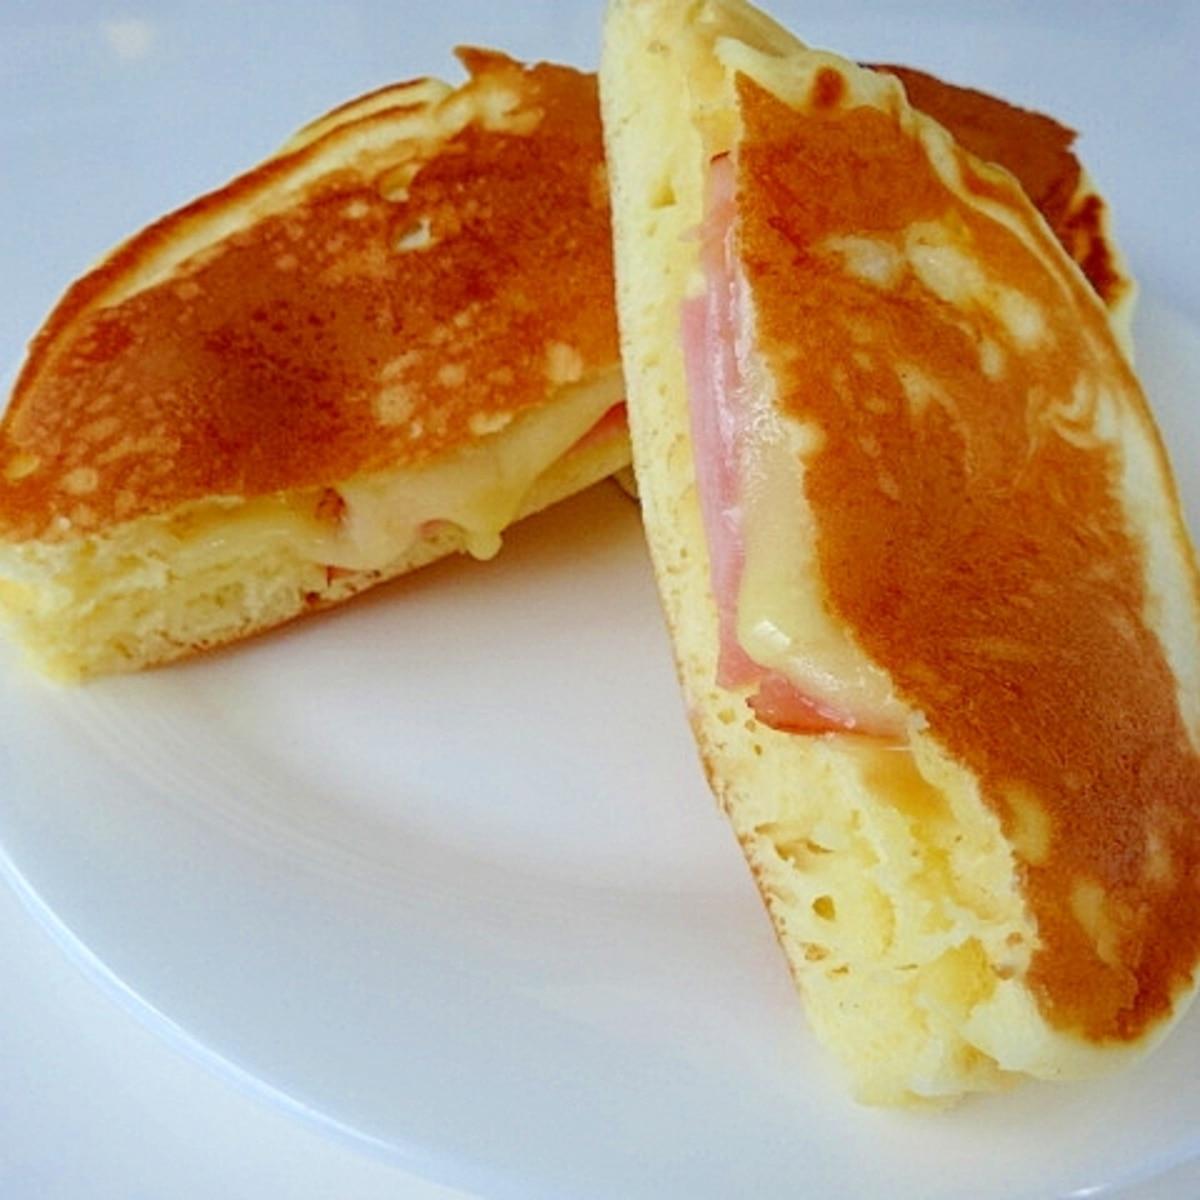 ケーキ マヨネーズ ホット 意外と難しい…ホットケーキをフワフワに仕上げるポイント3選+裏技